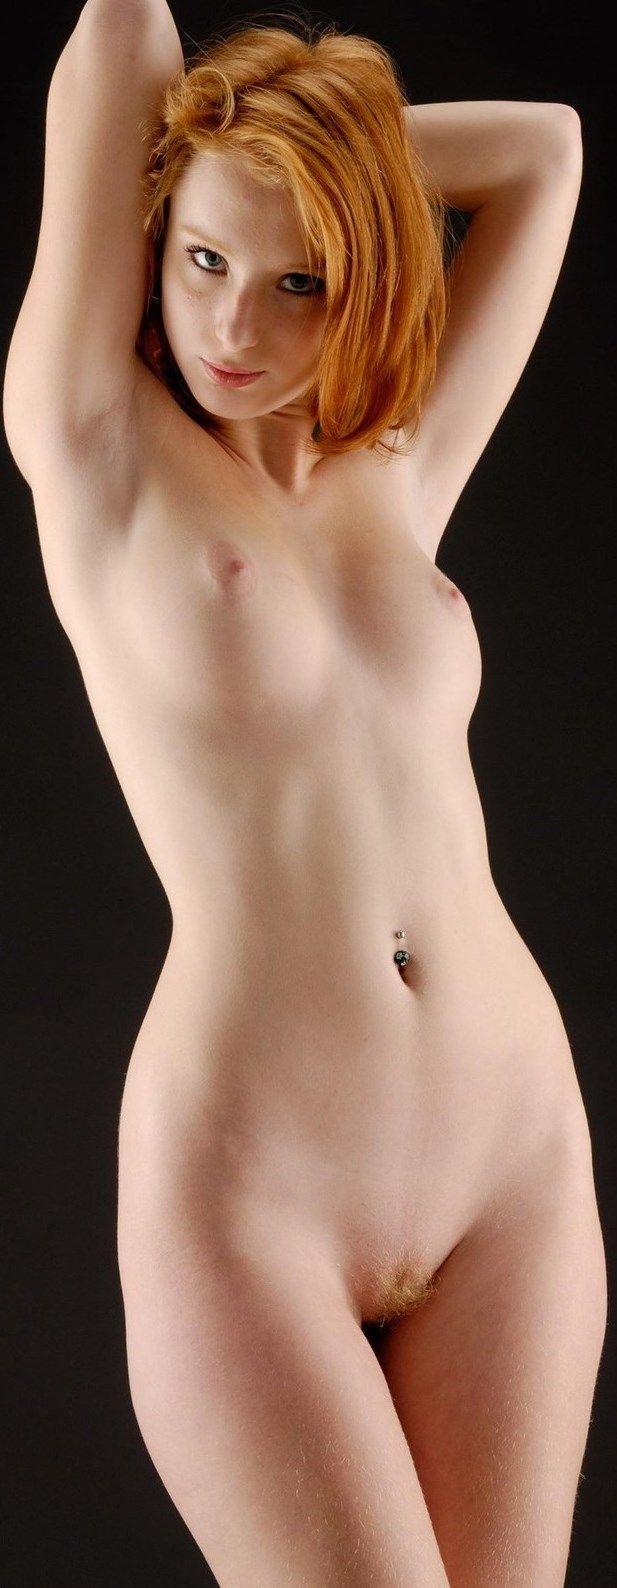 Nude redhead pretty pussy